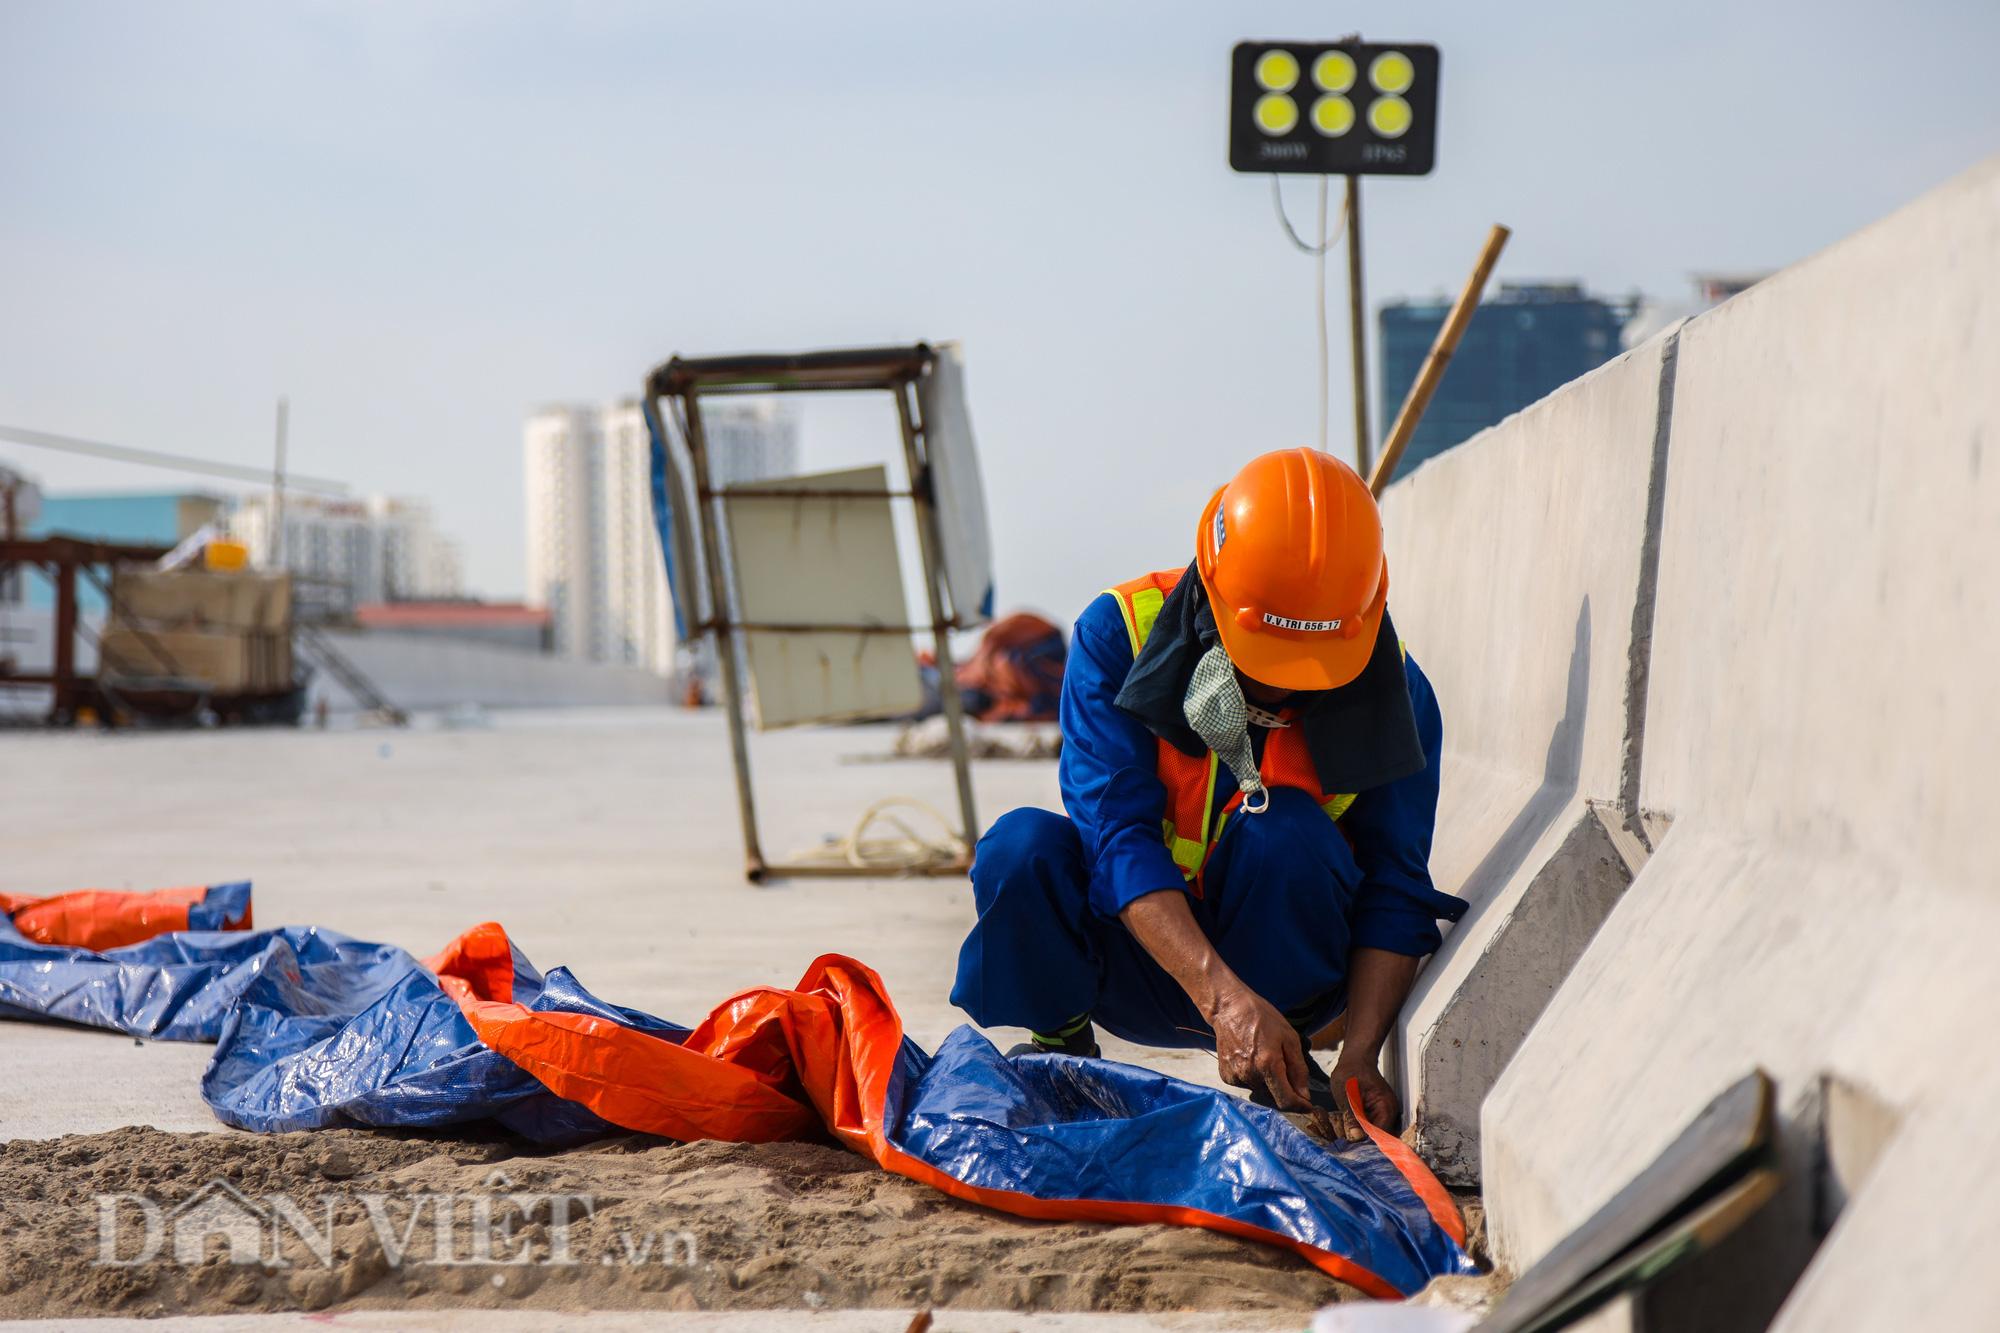 Gấp rút thi công đường vành đai 3 trên cao đón 1010 năm Thăng Long - Hà Nội - Ảnh 13.